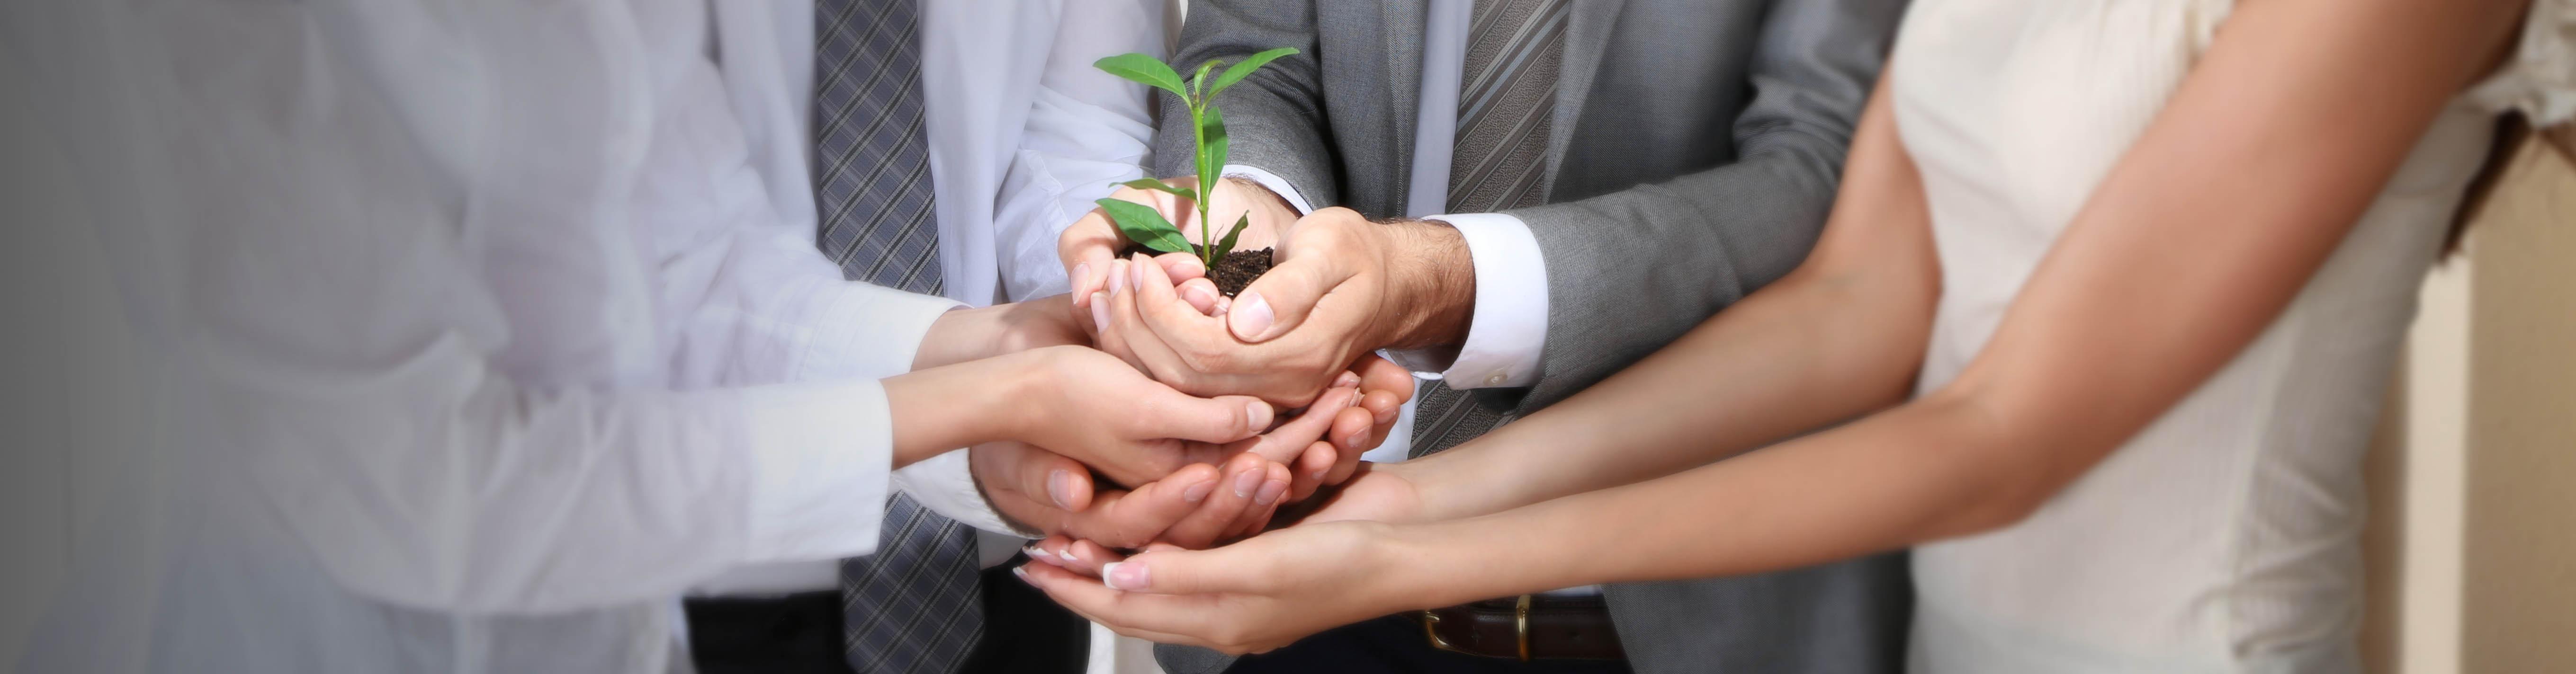 Los valores son clave para el éxito de un negocio